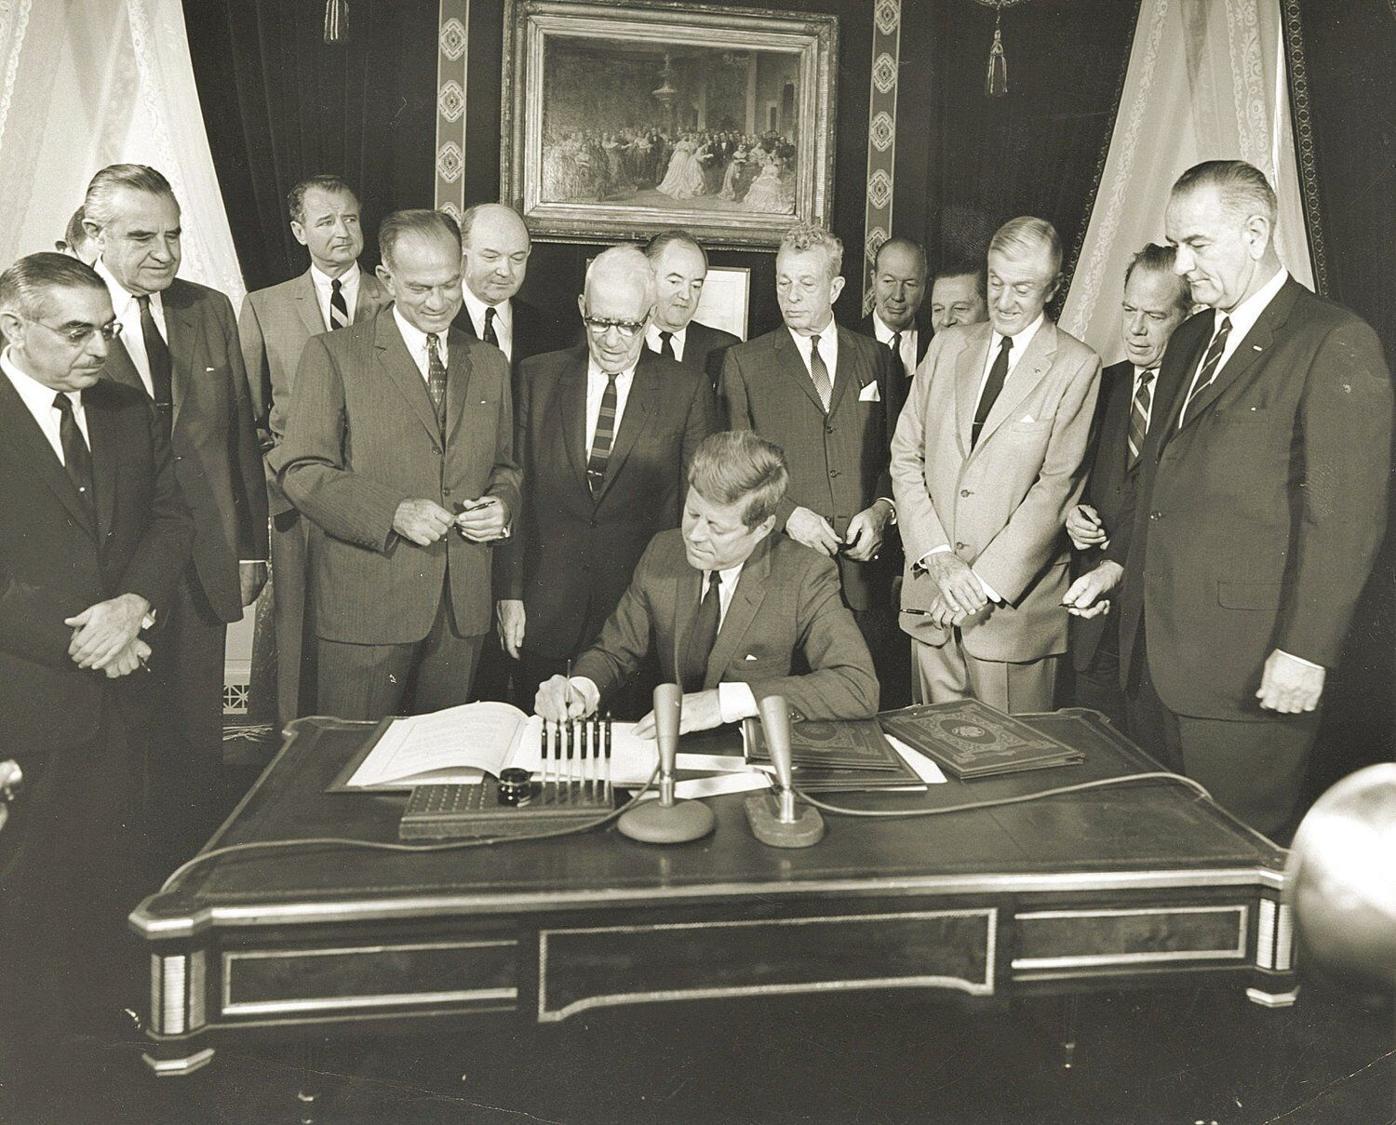 Vermont's original wild-haired political icon: US Sen. George Aiken of Putney